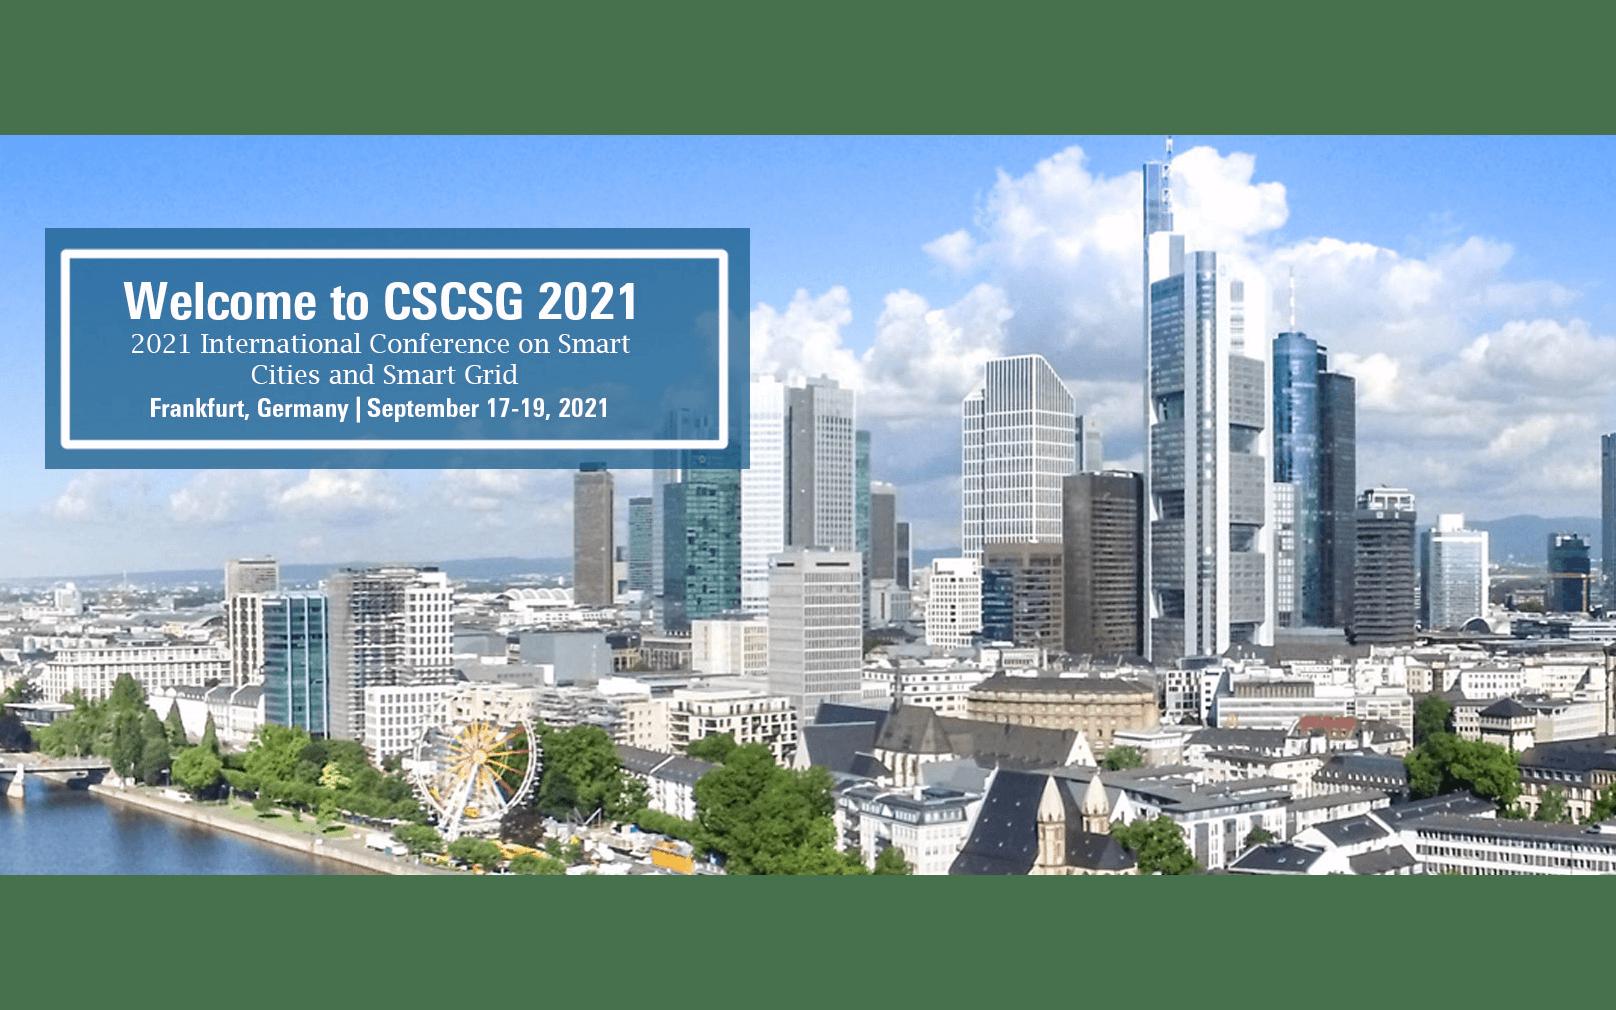 【EI会议】2021年智慧城市与智能电网国际会议(CSCSG 2021)